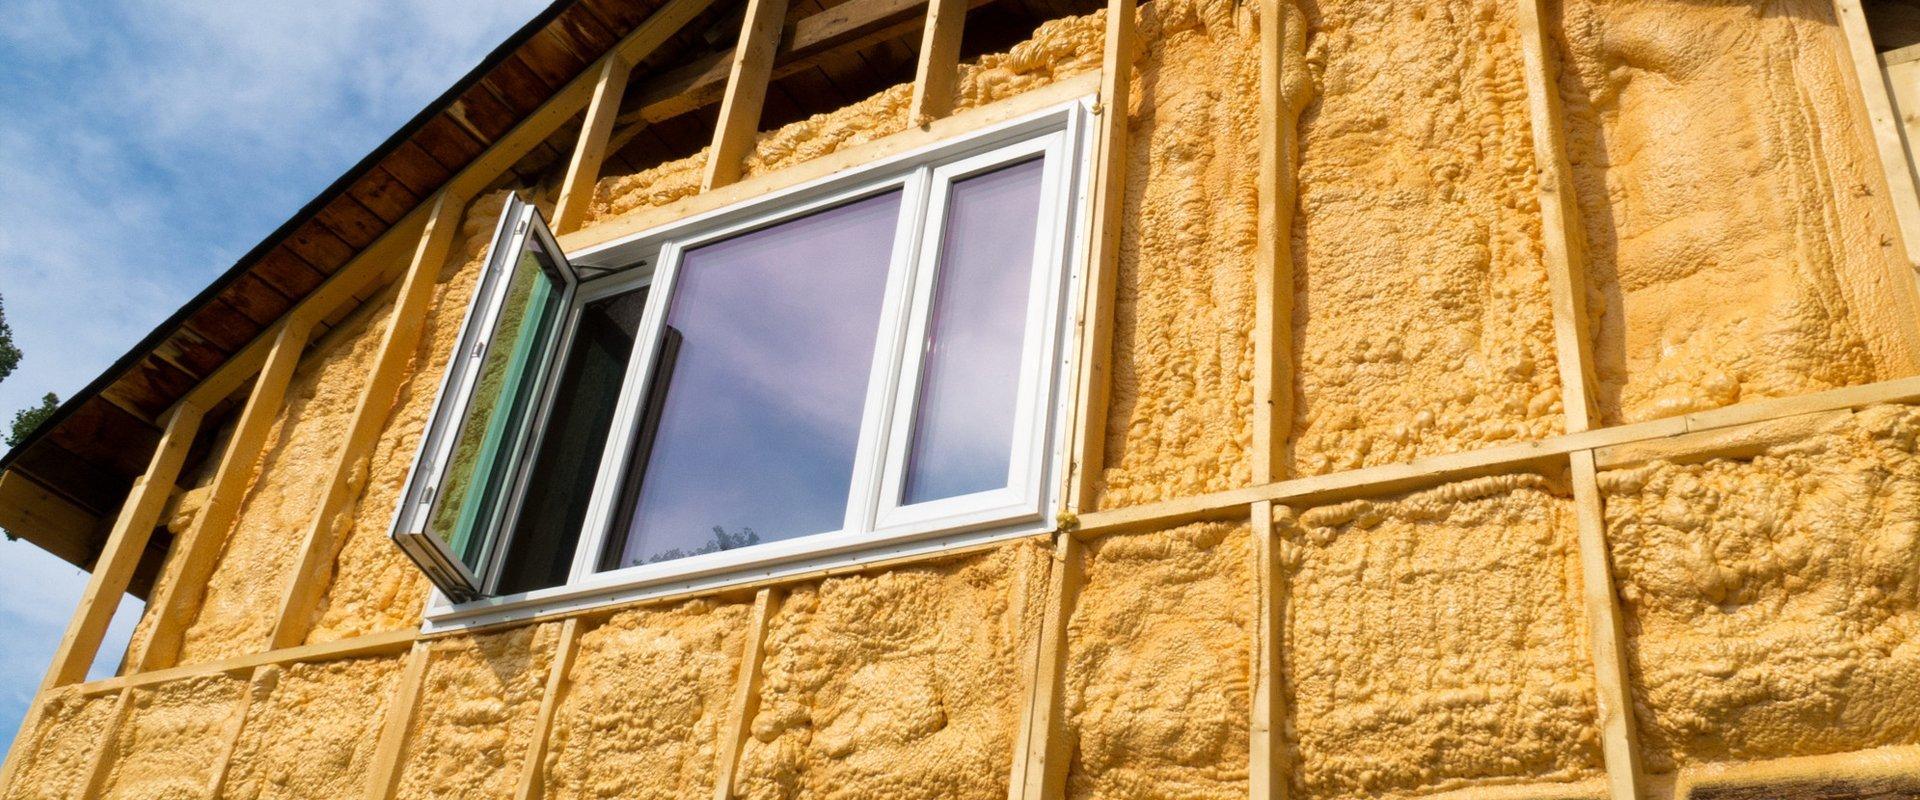 External insulation